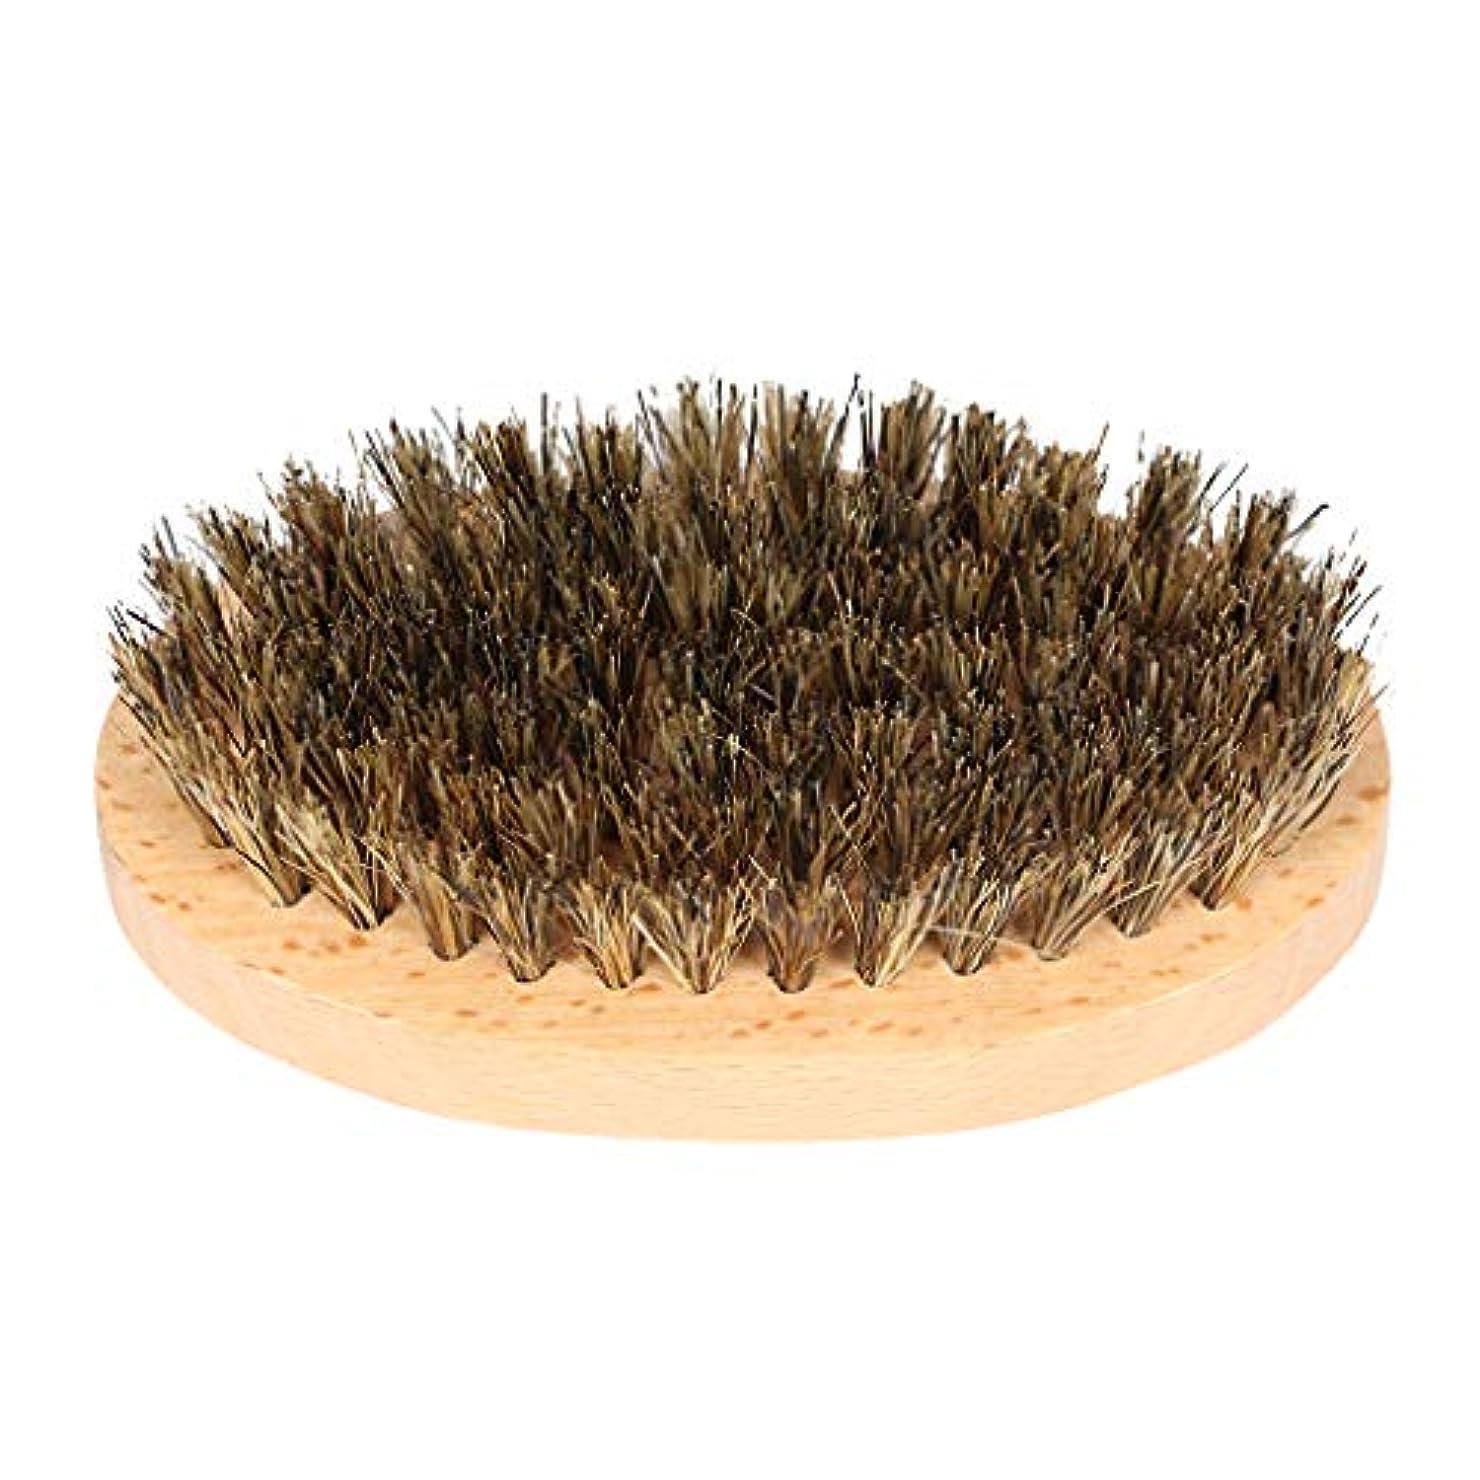 カール安全でないサッカー理髪店の男性の天然木のひげの口ひげ顔の髪のブラシ毛髪のブラシ